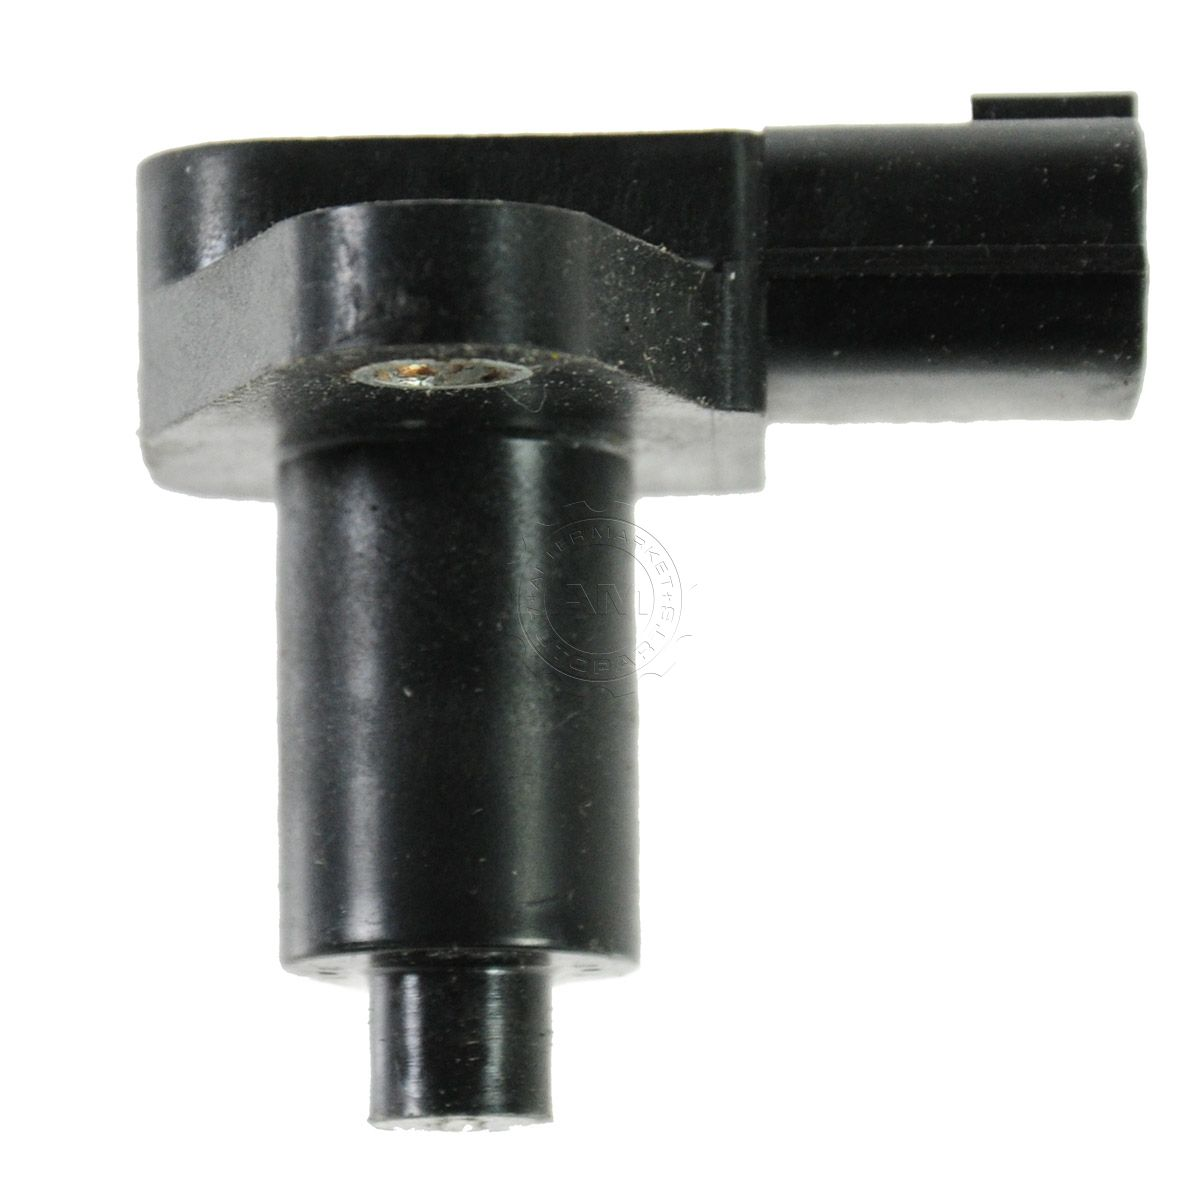 hight resolution of crankshaft position sensor driver side engine rear for maxima i30 3 0l v6